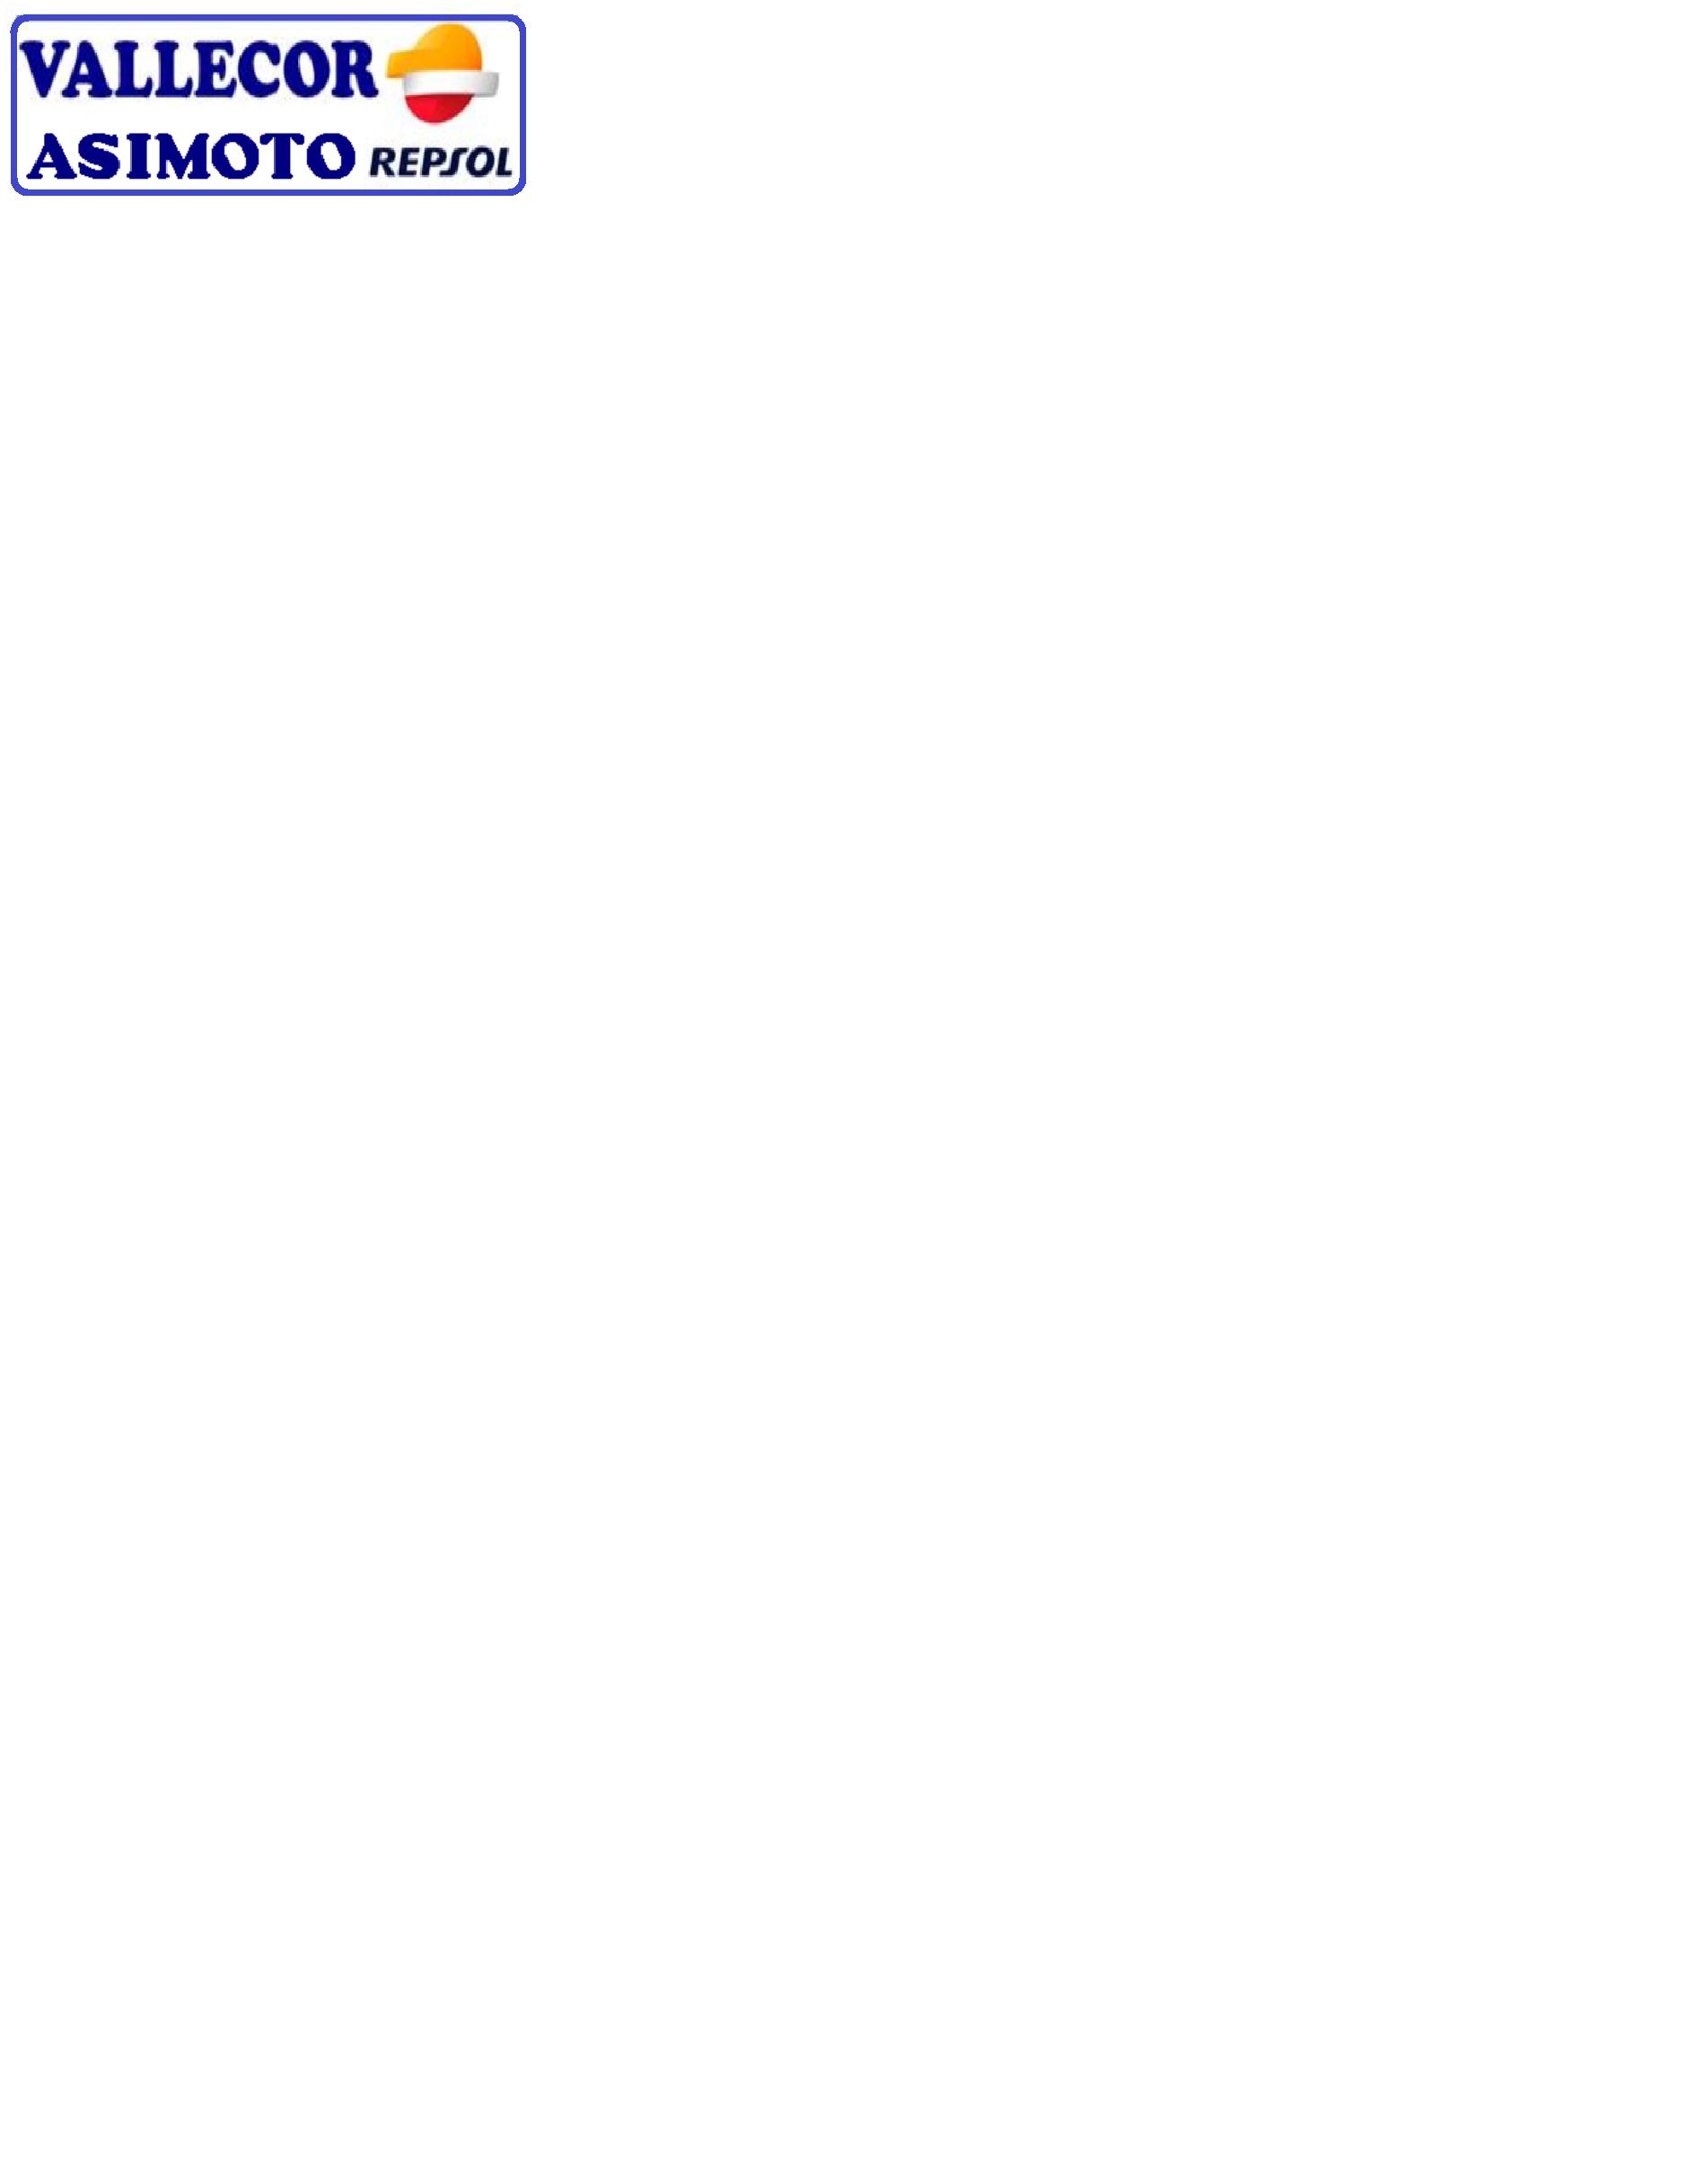 Vallecor - gasoleo en Pozoblanco - Distribucion de Gasoleo a domicilio -lubricantes Repsol-Asimoto